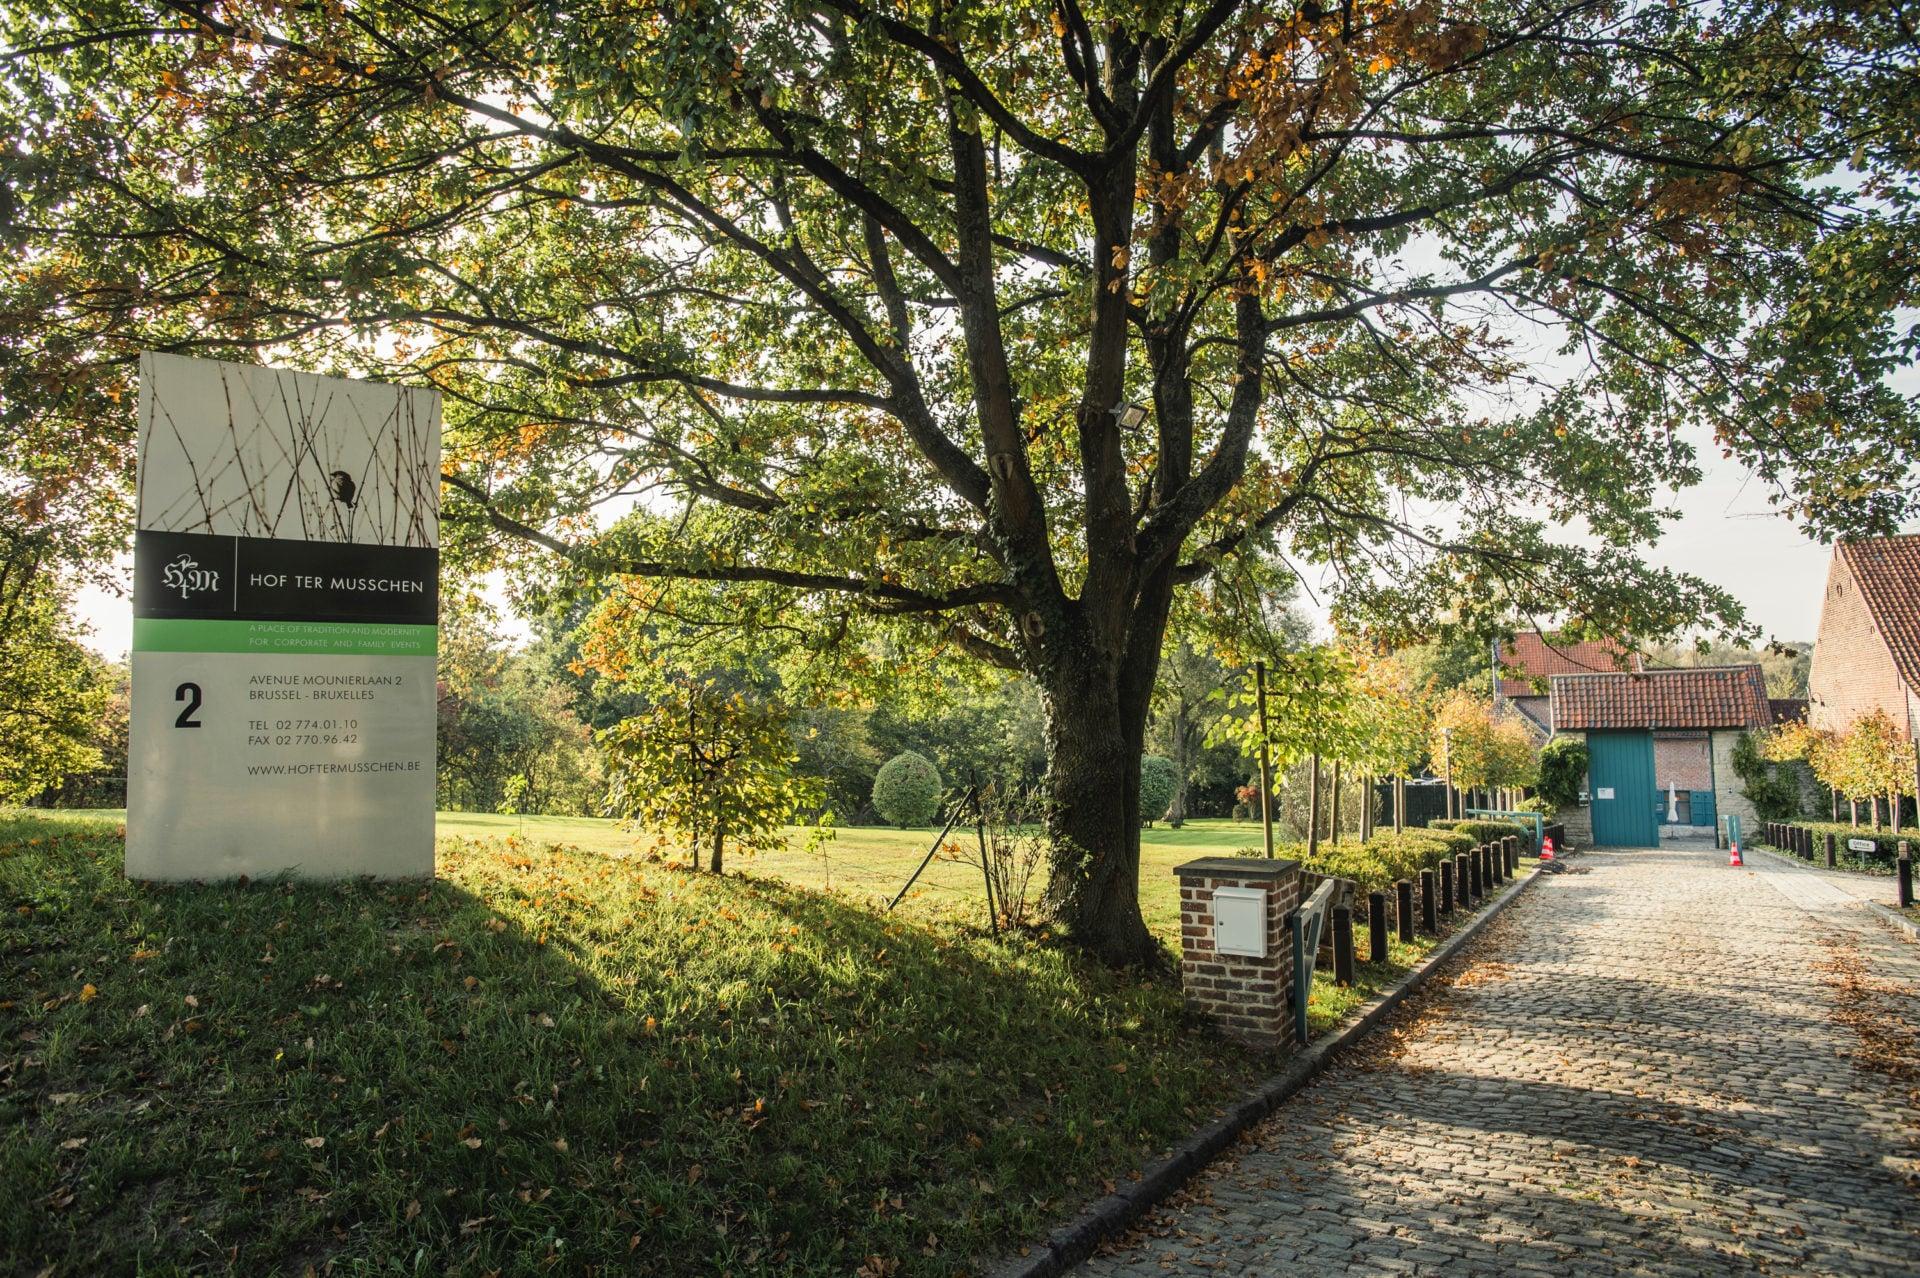 Evénements d'entreprise - Hof ter Musschen